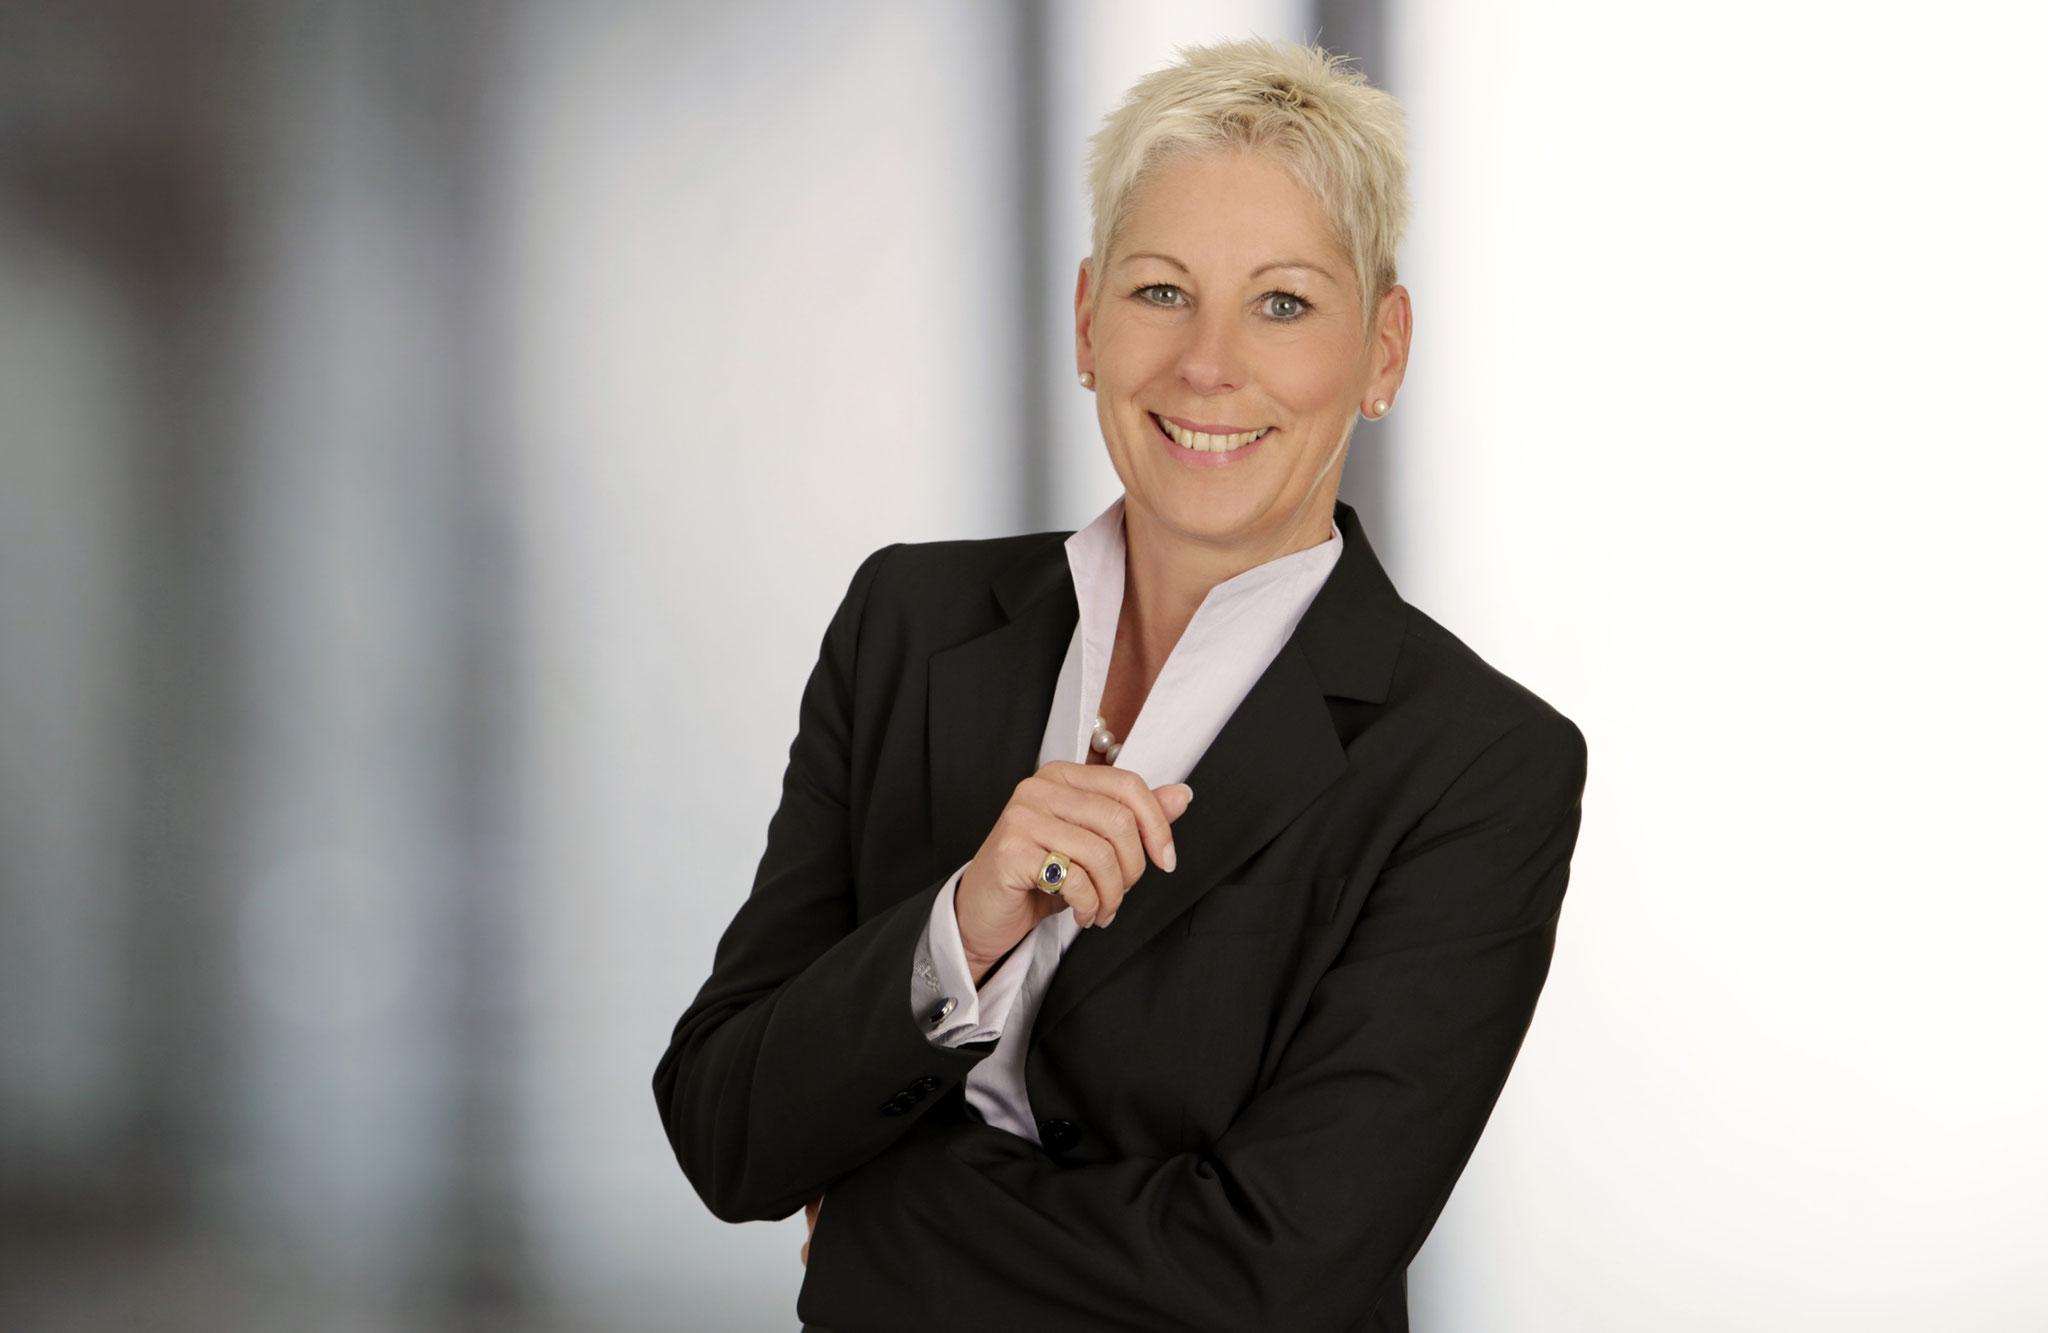 Petra Schreiber, Karriere, Image-, Etikette- und Persönlichkeitstrainerin, 61368 Schmitten/Ts.